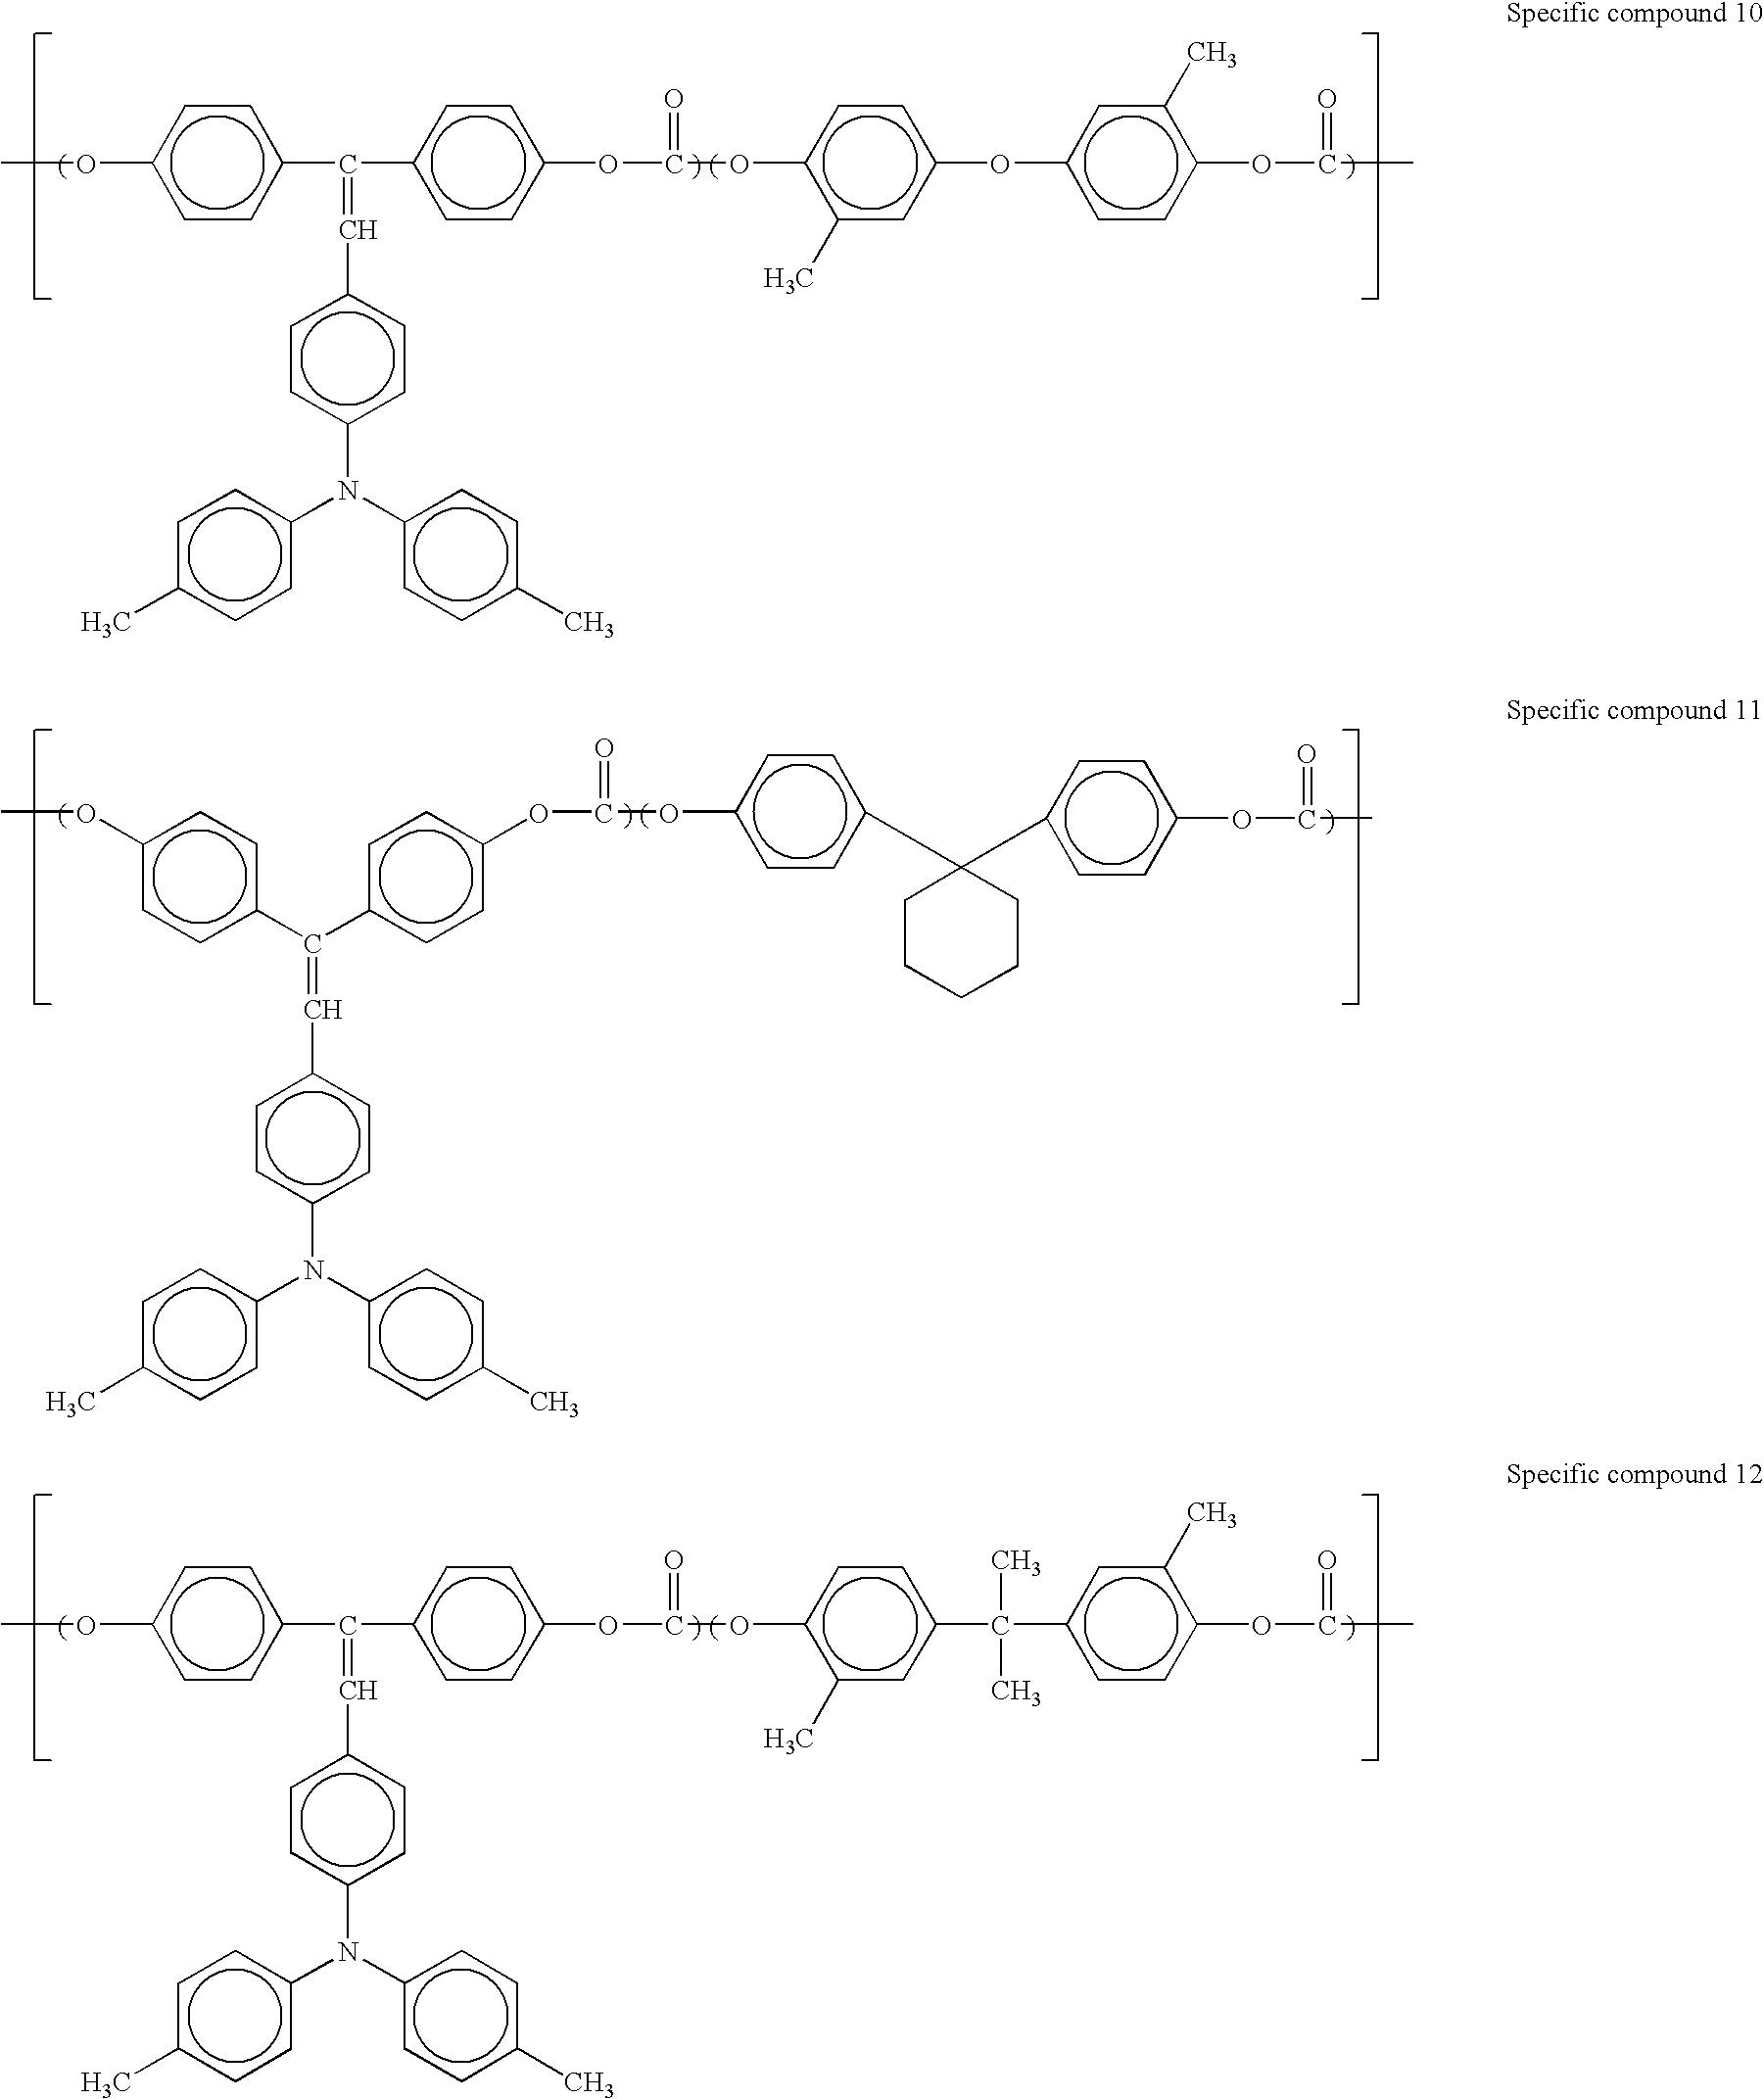 Figure US20040197688A1-20041007-C00015